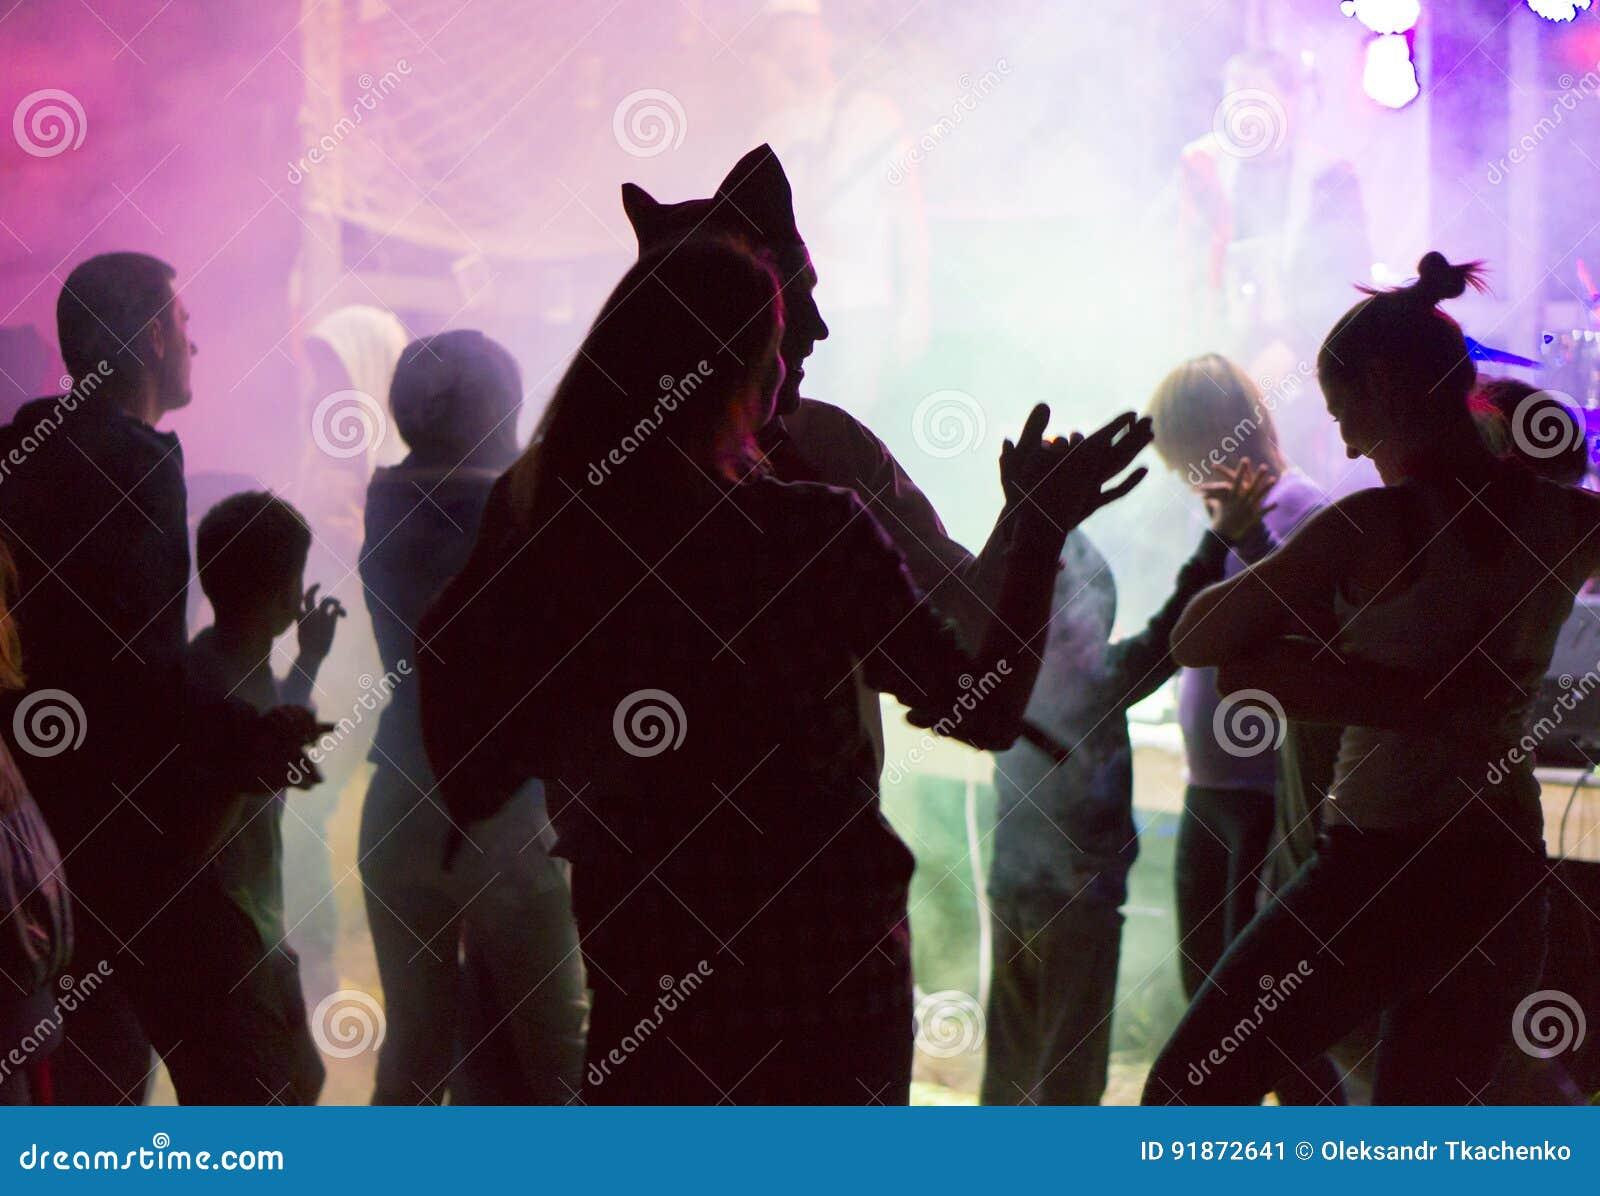 Άνθρωποι στο υπαίθριο κόμμα Χορεύοντας, πίνοντας και έχοντας τη διασκέδαση